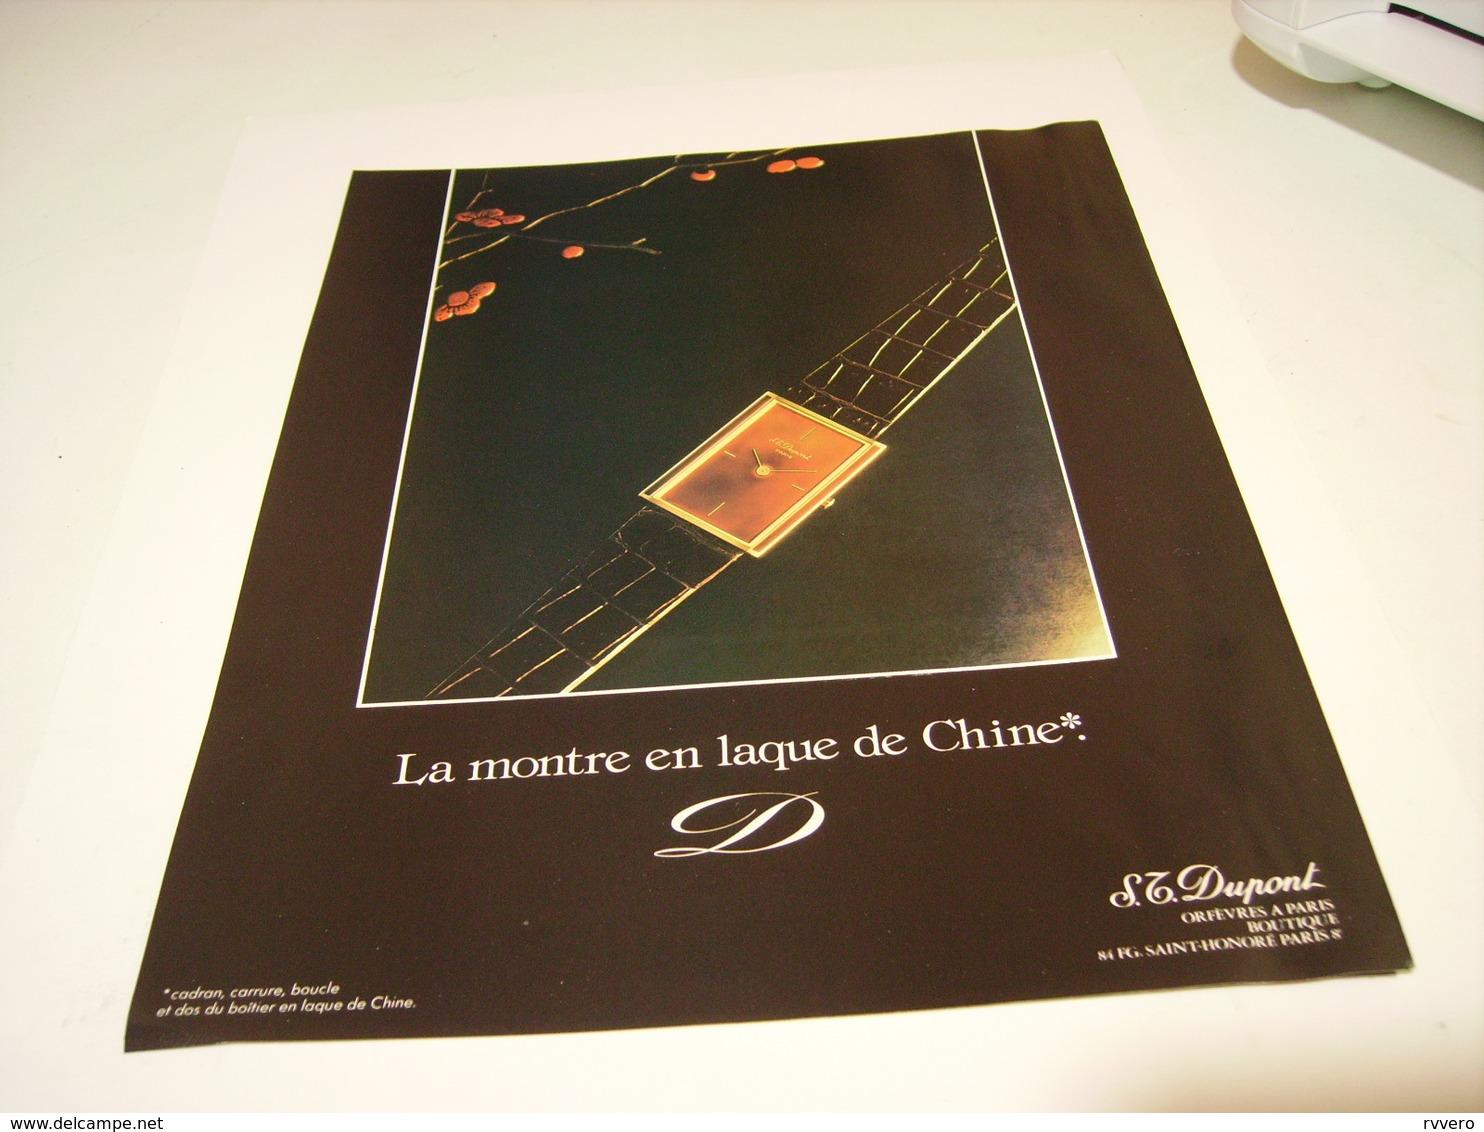 PUBLICITE AFFICHE MONTRE LAQUE DE CHINE   DE ST DUPONT 1982 - Autres